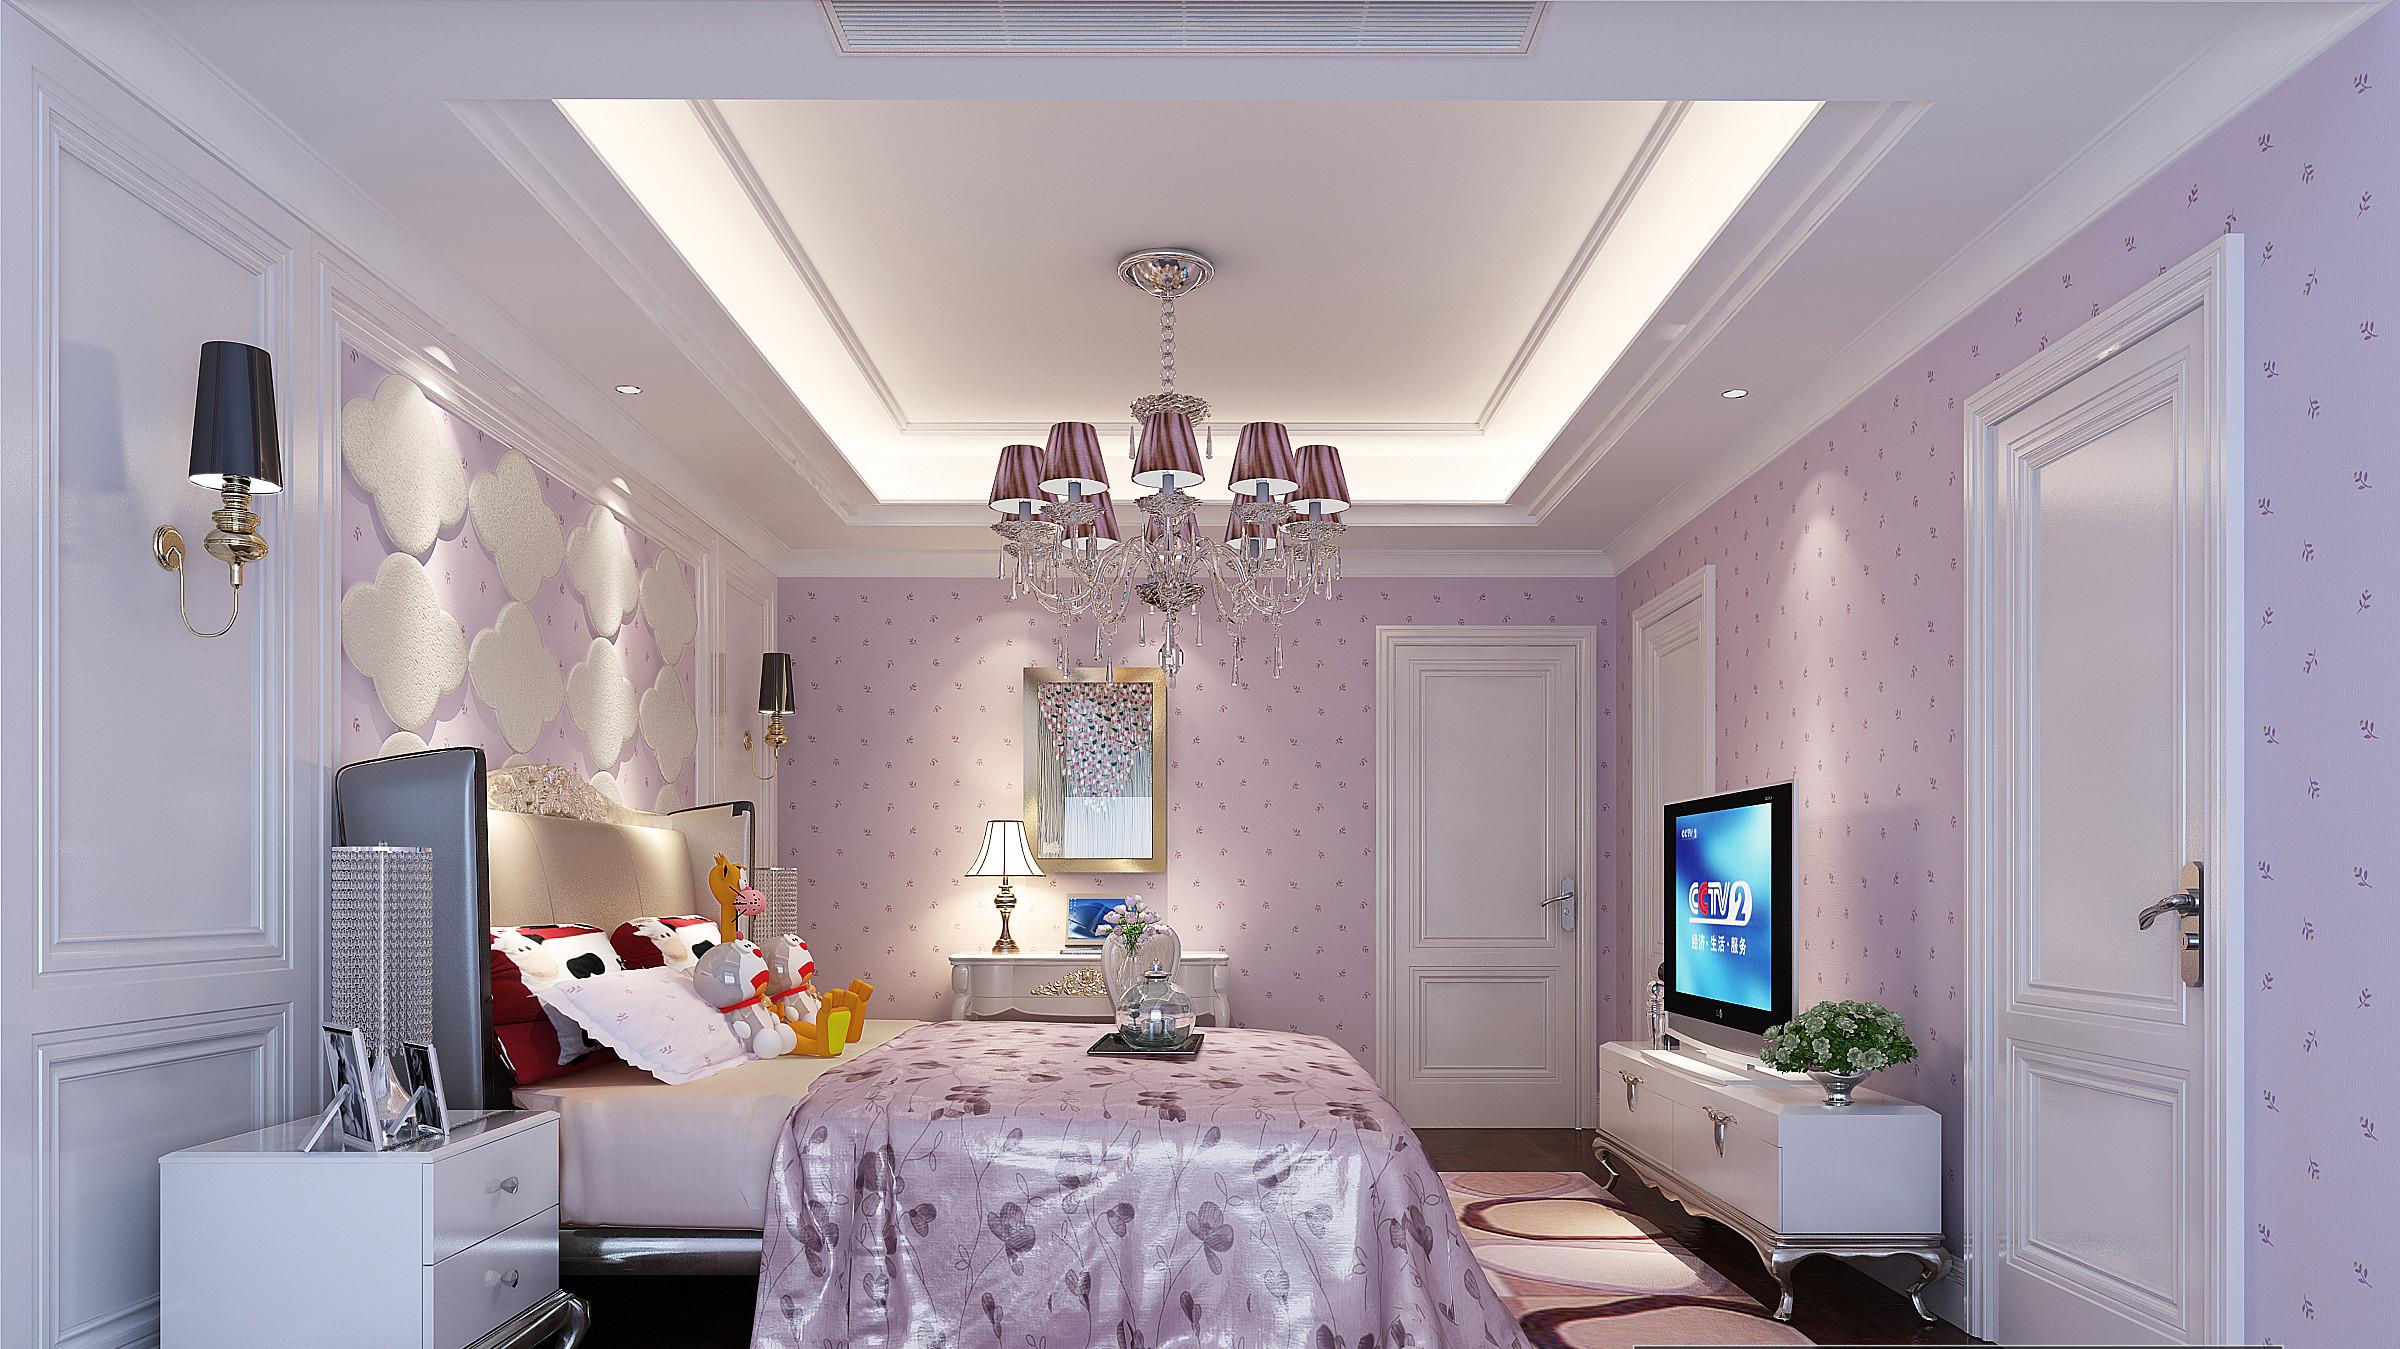 华埔国际设计鸿园183平白色欧式风格装修